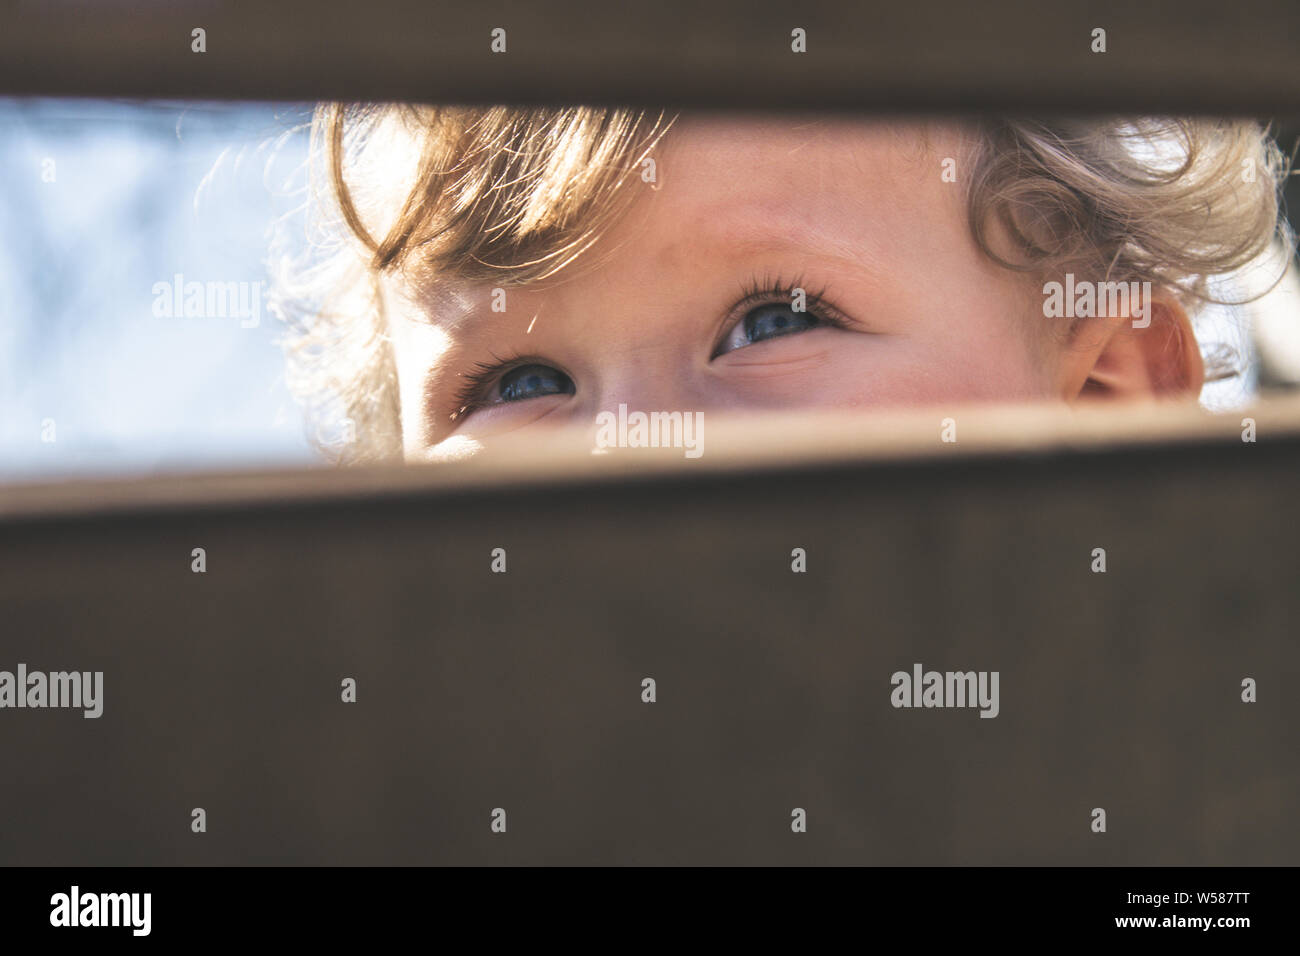 Les yeux bleus de bébé libre. Bébé, enfant, de la vue, de la concentration, de santé de l'œil, la curiosité et l'exploration découverte concept. Voir les détails de l'image de belle blonde cur Banque D'Images